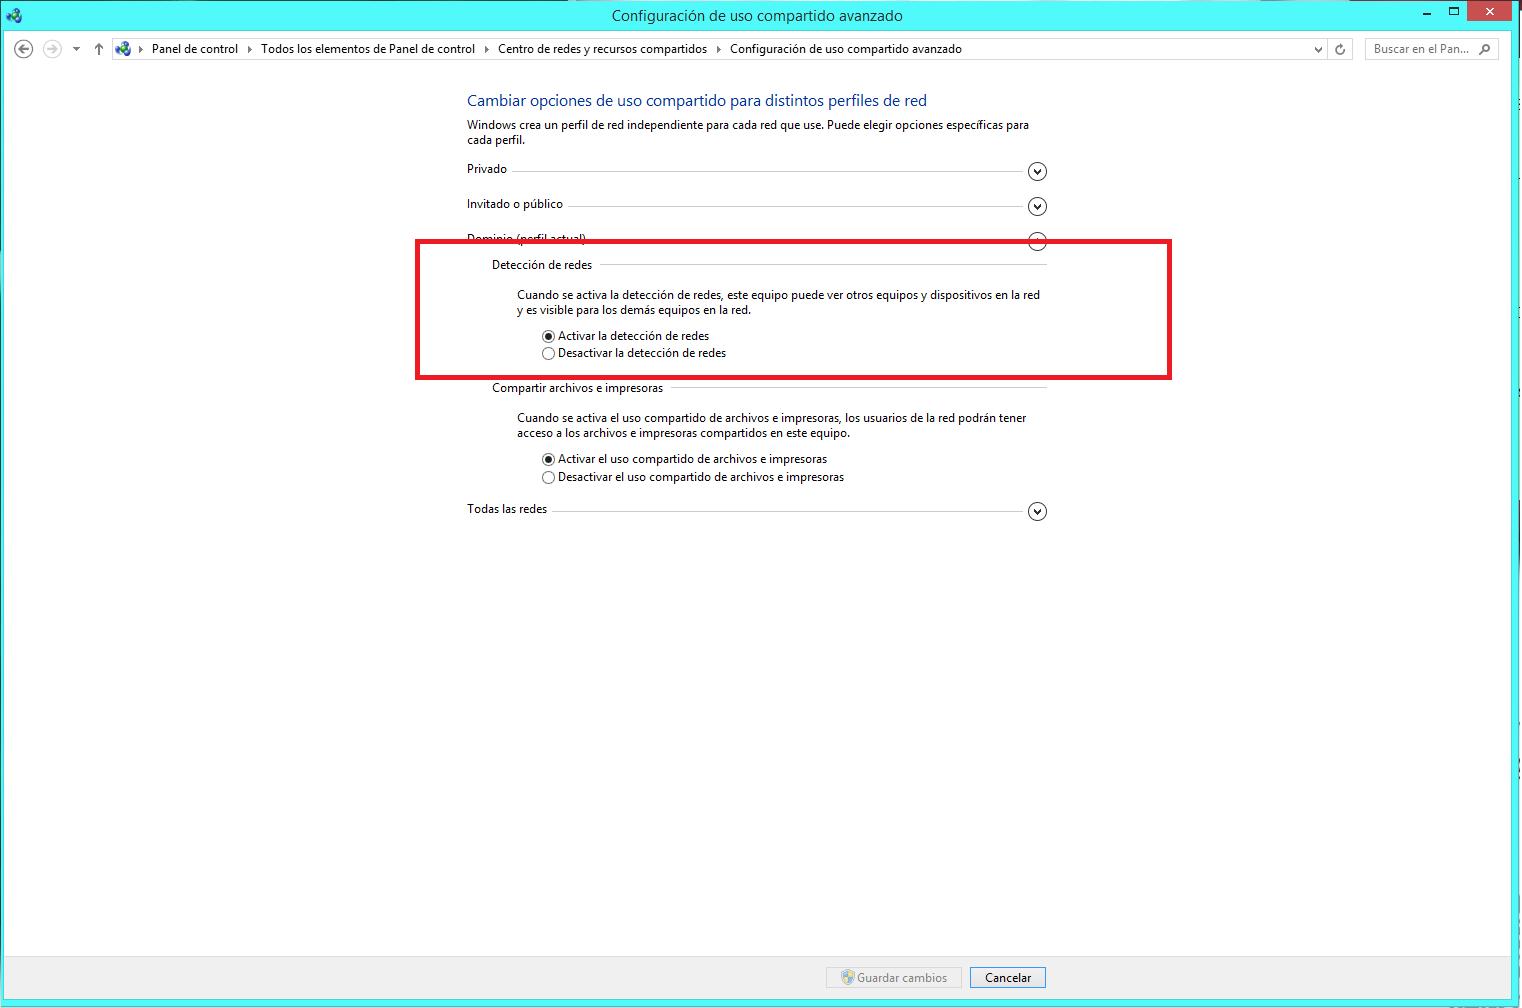 Configuración de uso compartido avanzado en Windows 10